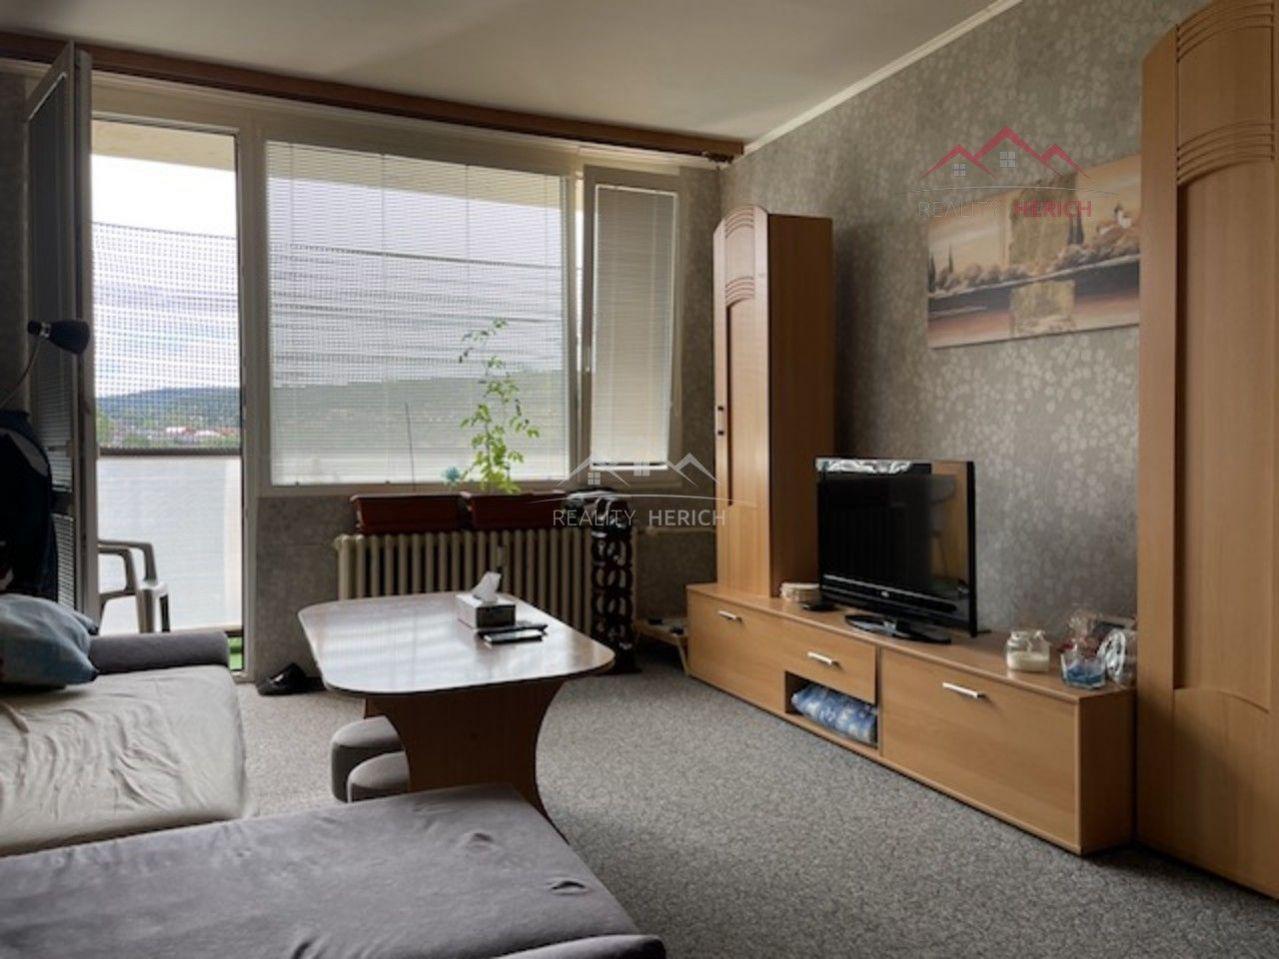 Exkluzivní prodej bytu OV 2+1/L (60 m2) 17. listopadu, Chomutov